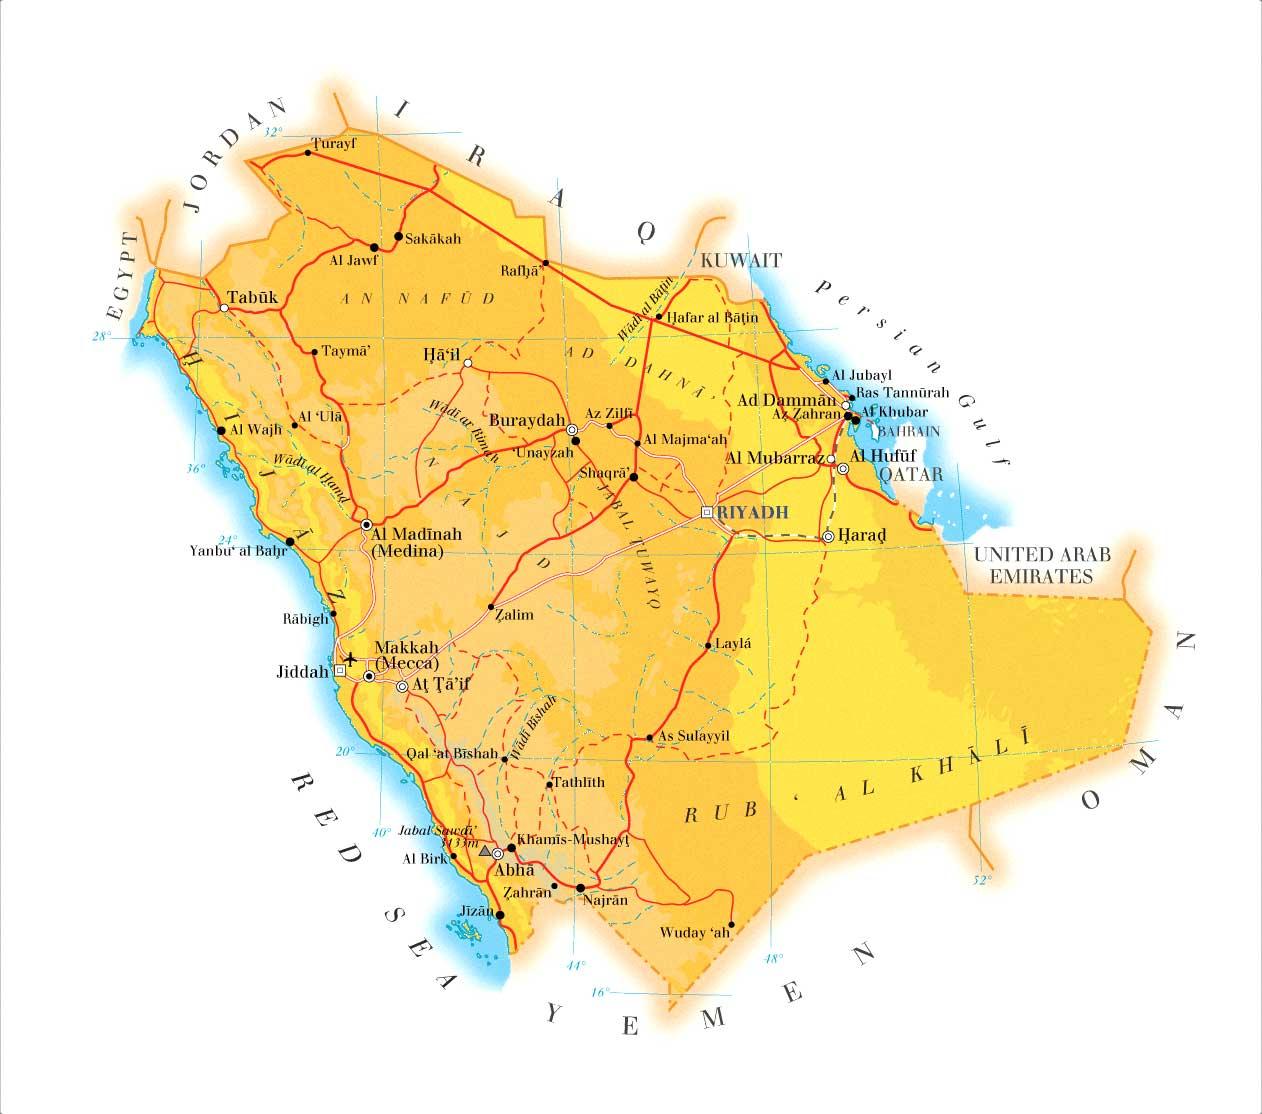 detailed_road_map_of_saudi_arabia